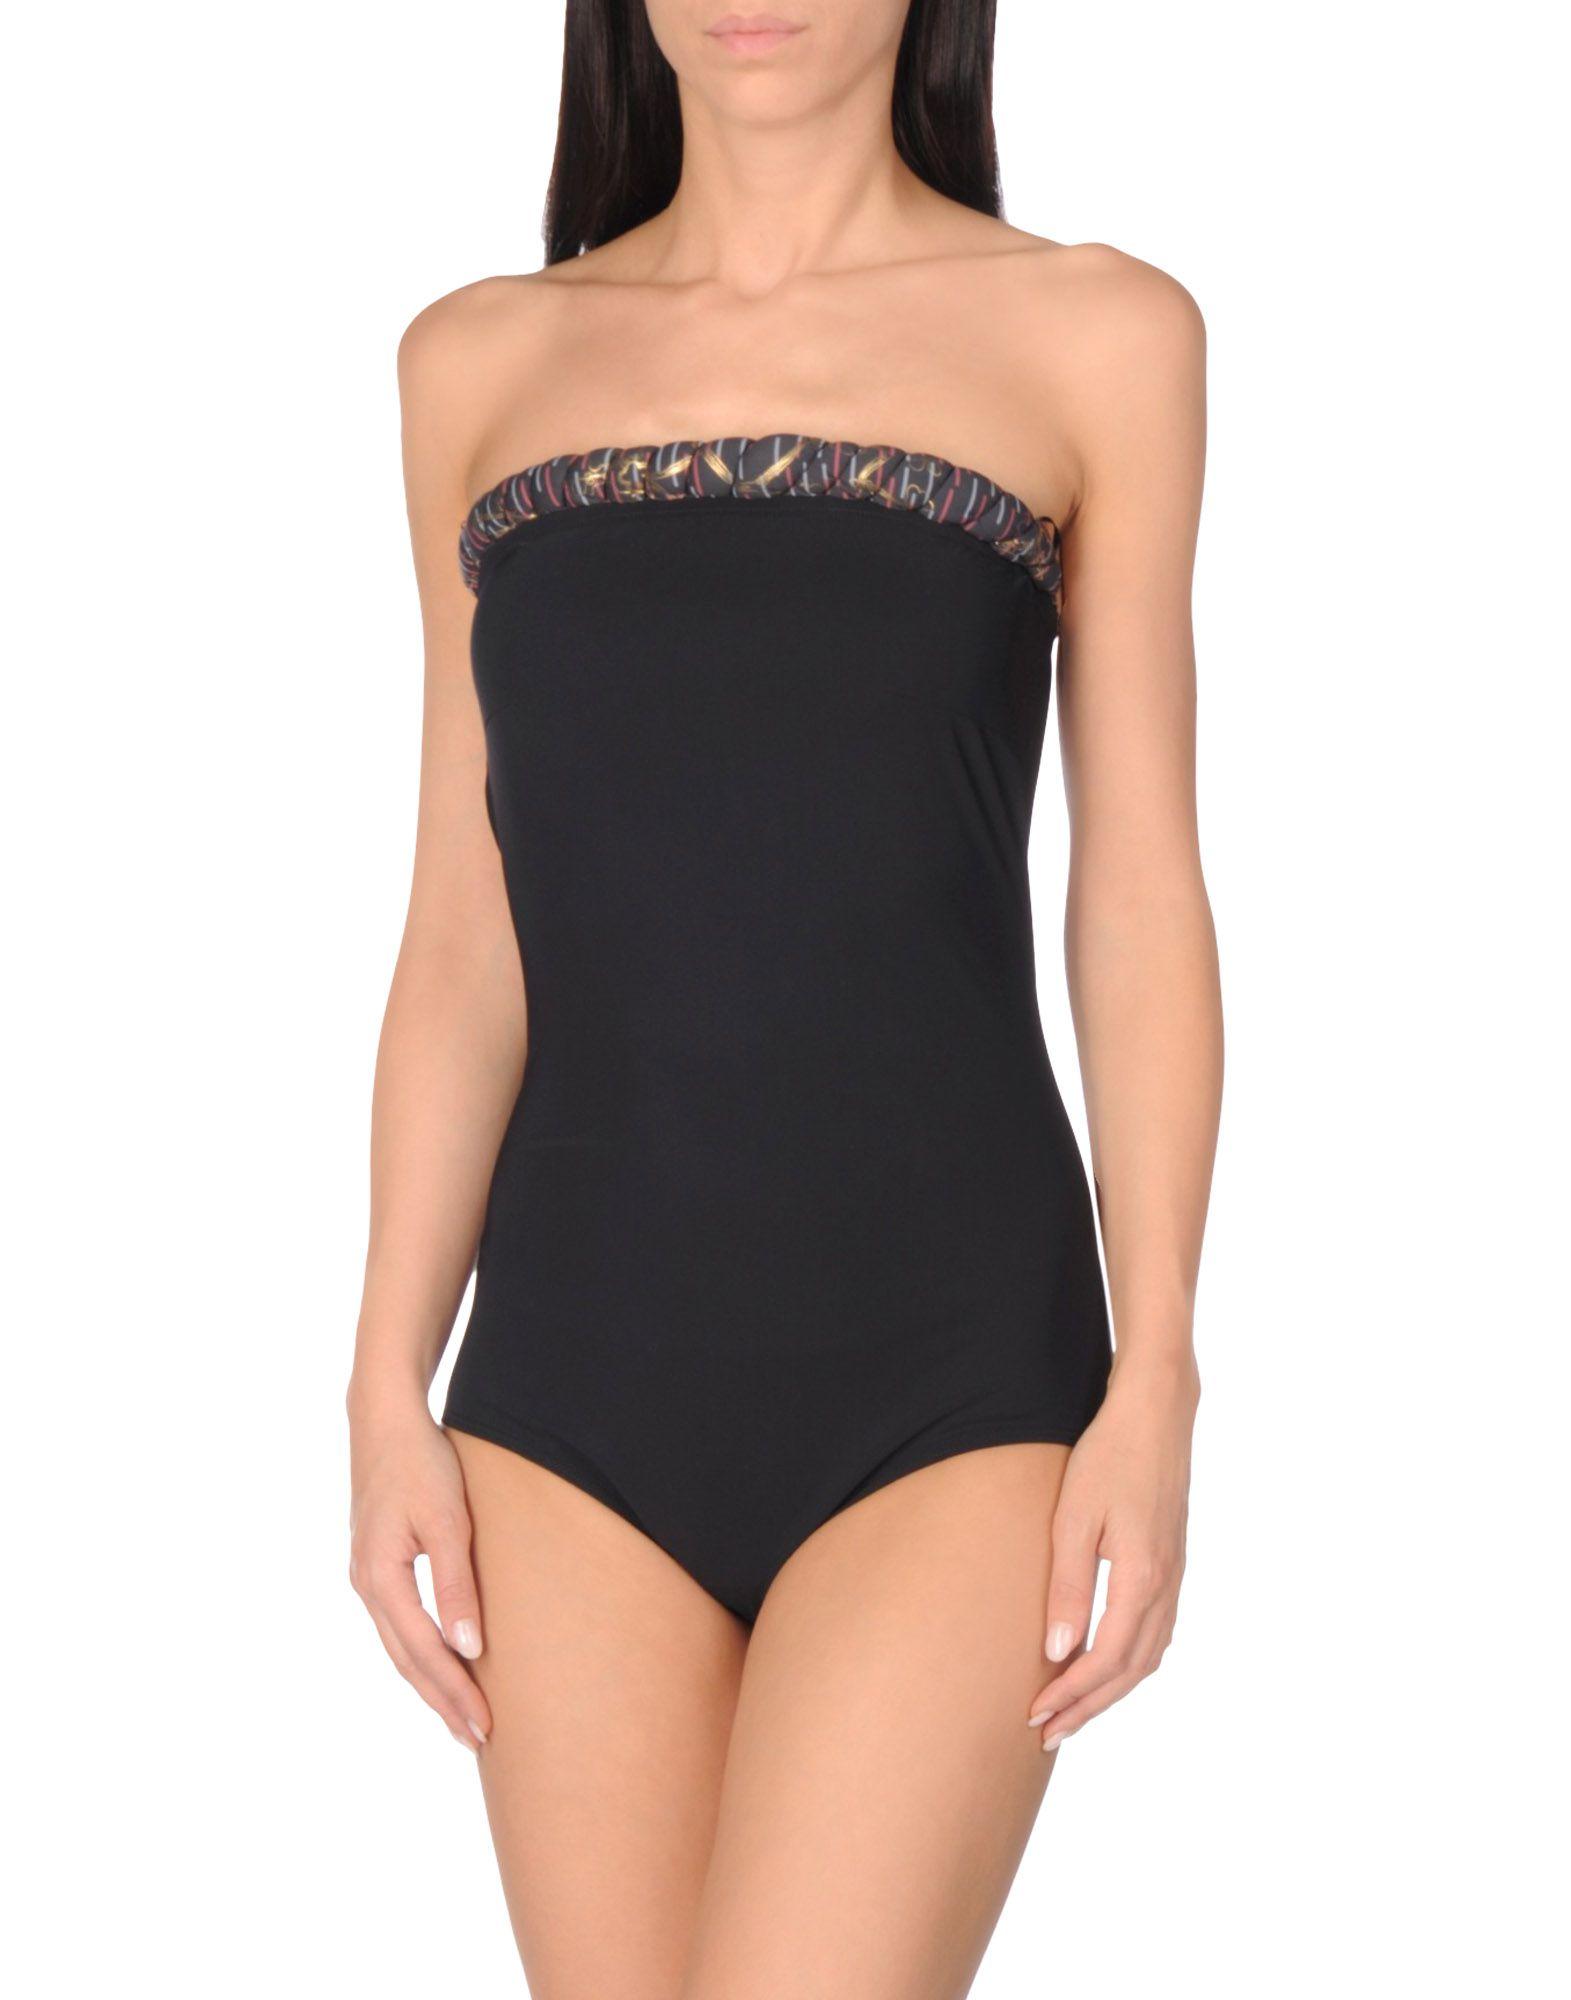 GOLDEN GOOSE DELUXE BRAND Damen Badeanzug Farbe Schwarz Größe 5